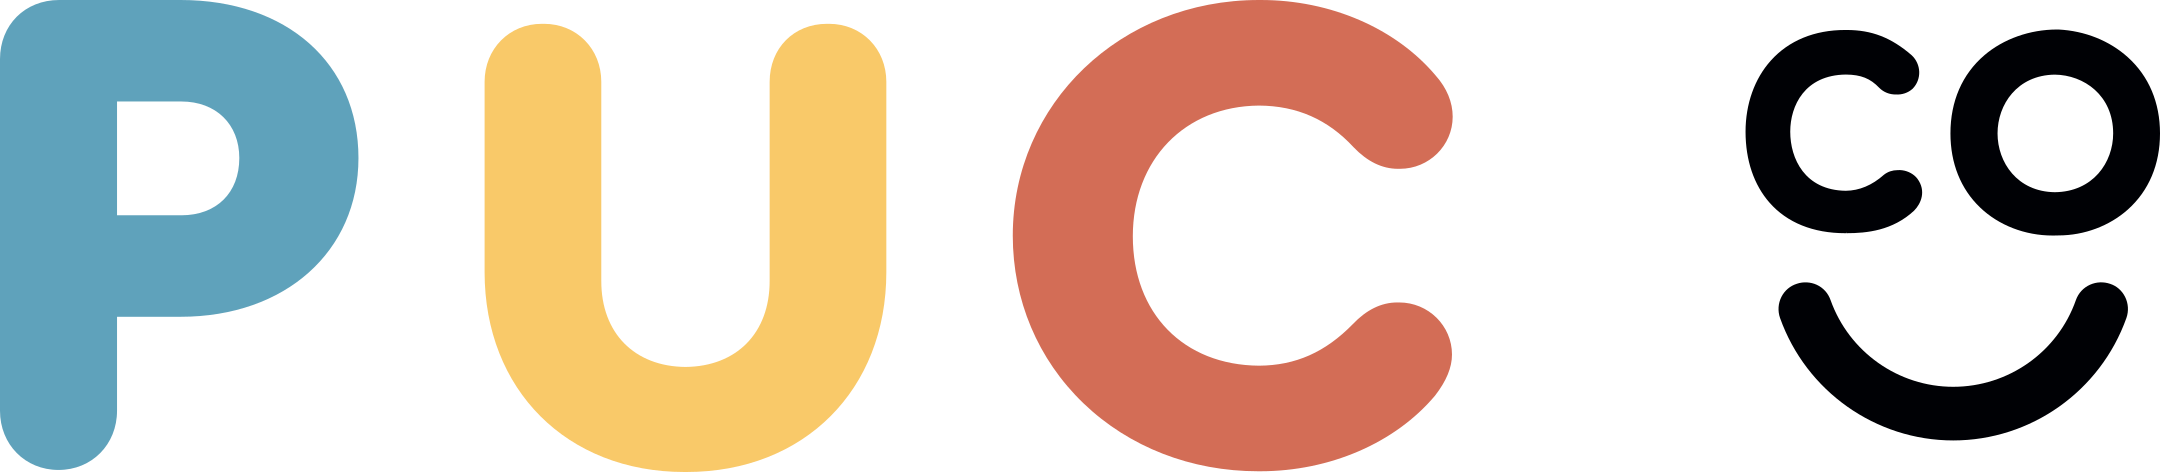 puc kids logo 1 - PUC Kids Logo